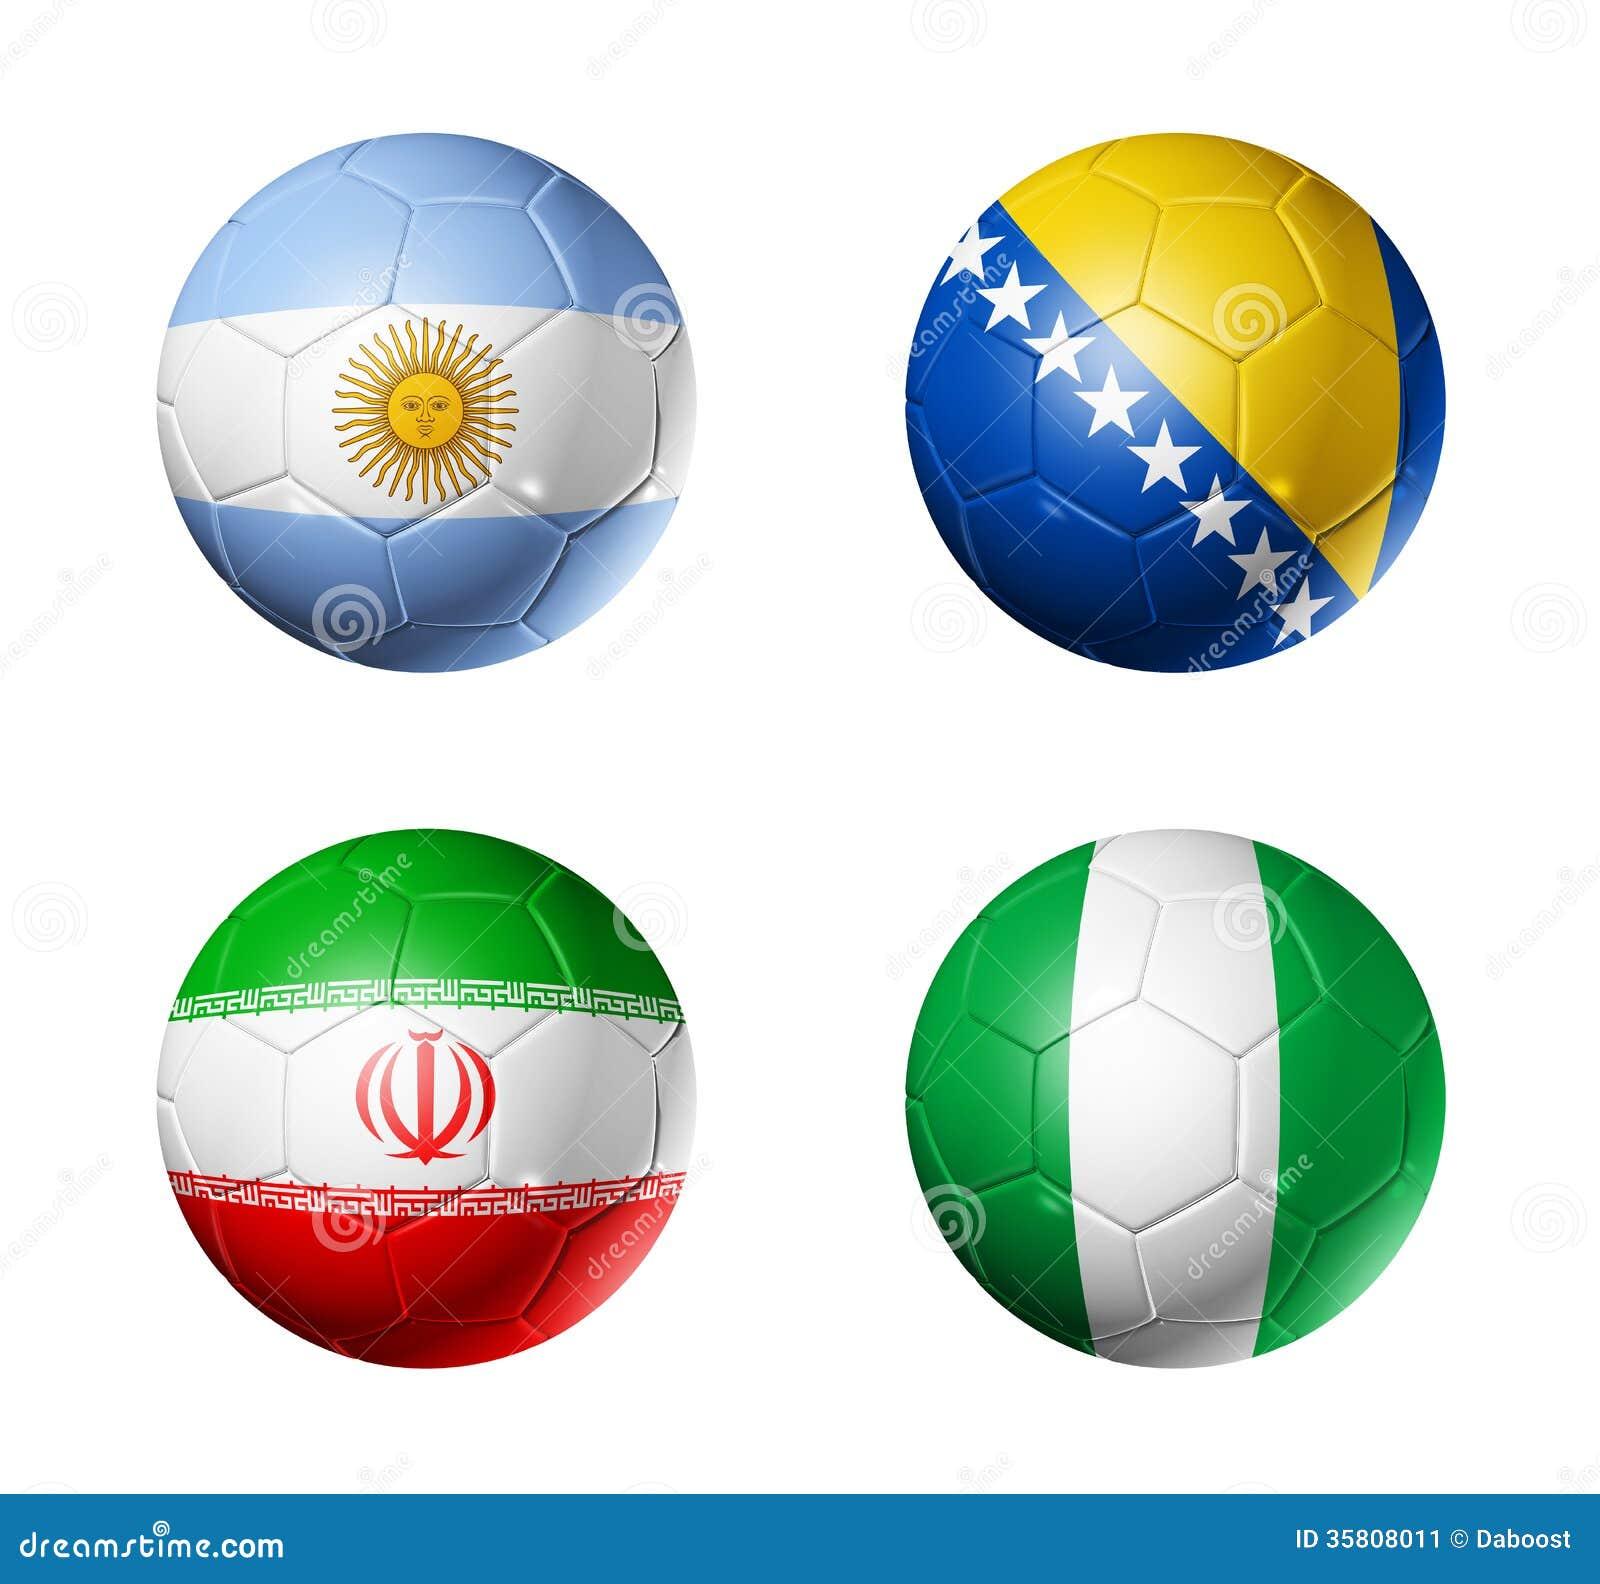 Coupe du monde du br sil drapeaux de 2014 groupes f sur le ballon de football image stock - Groupes coupe du monde 2014 ...